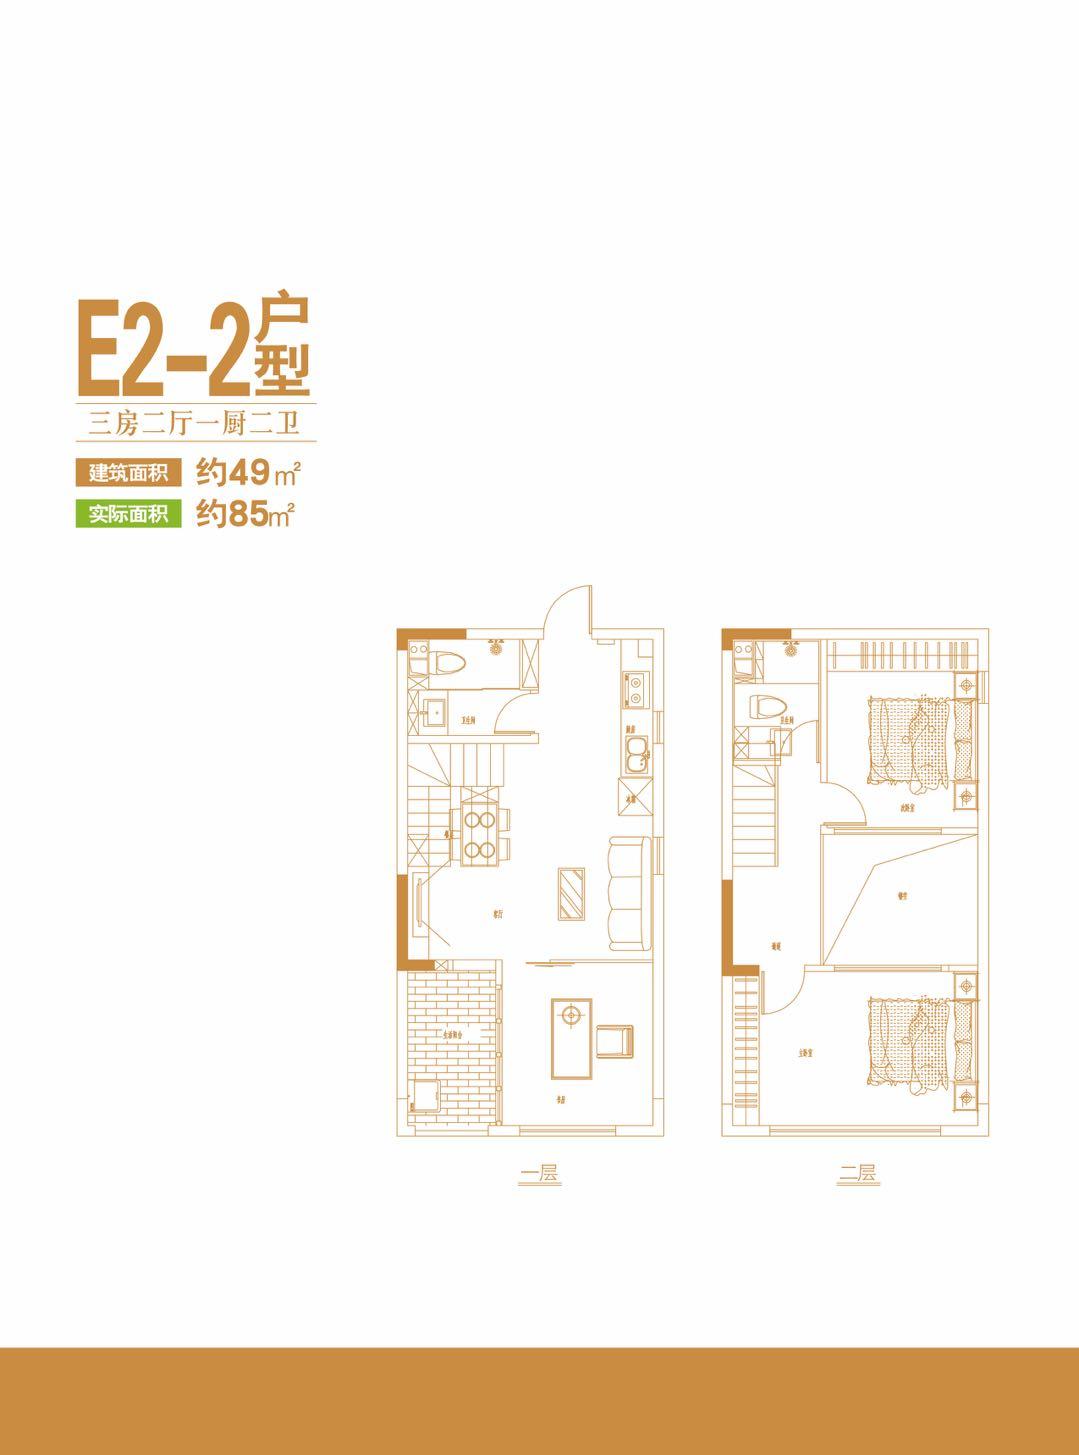 爱克养生谷E2-2户型